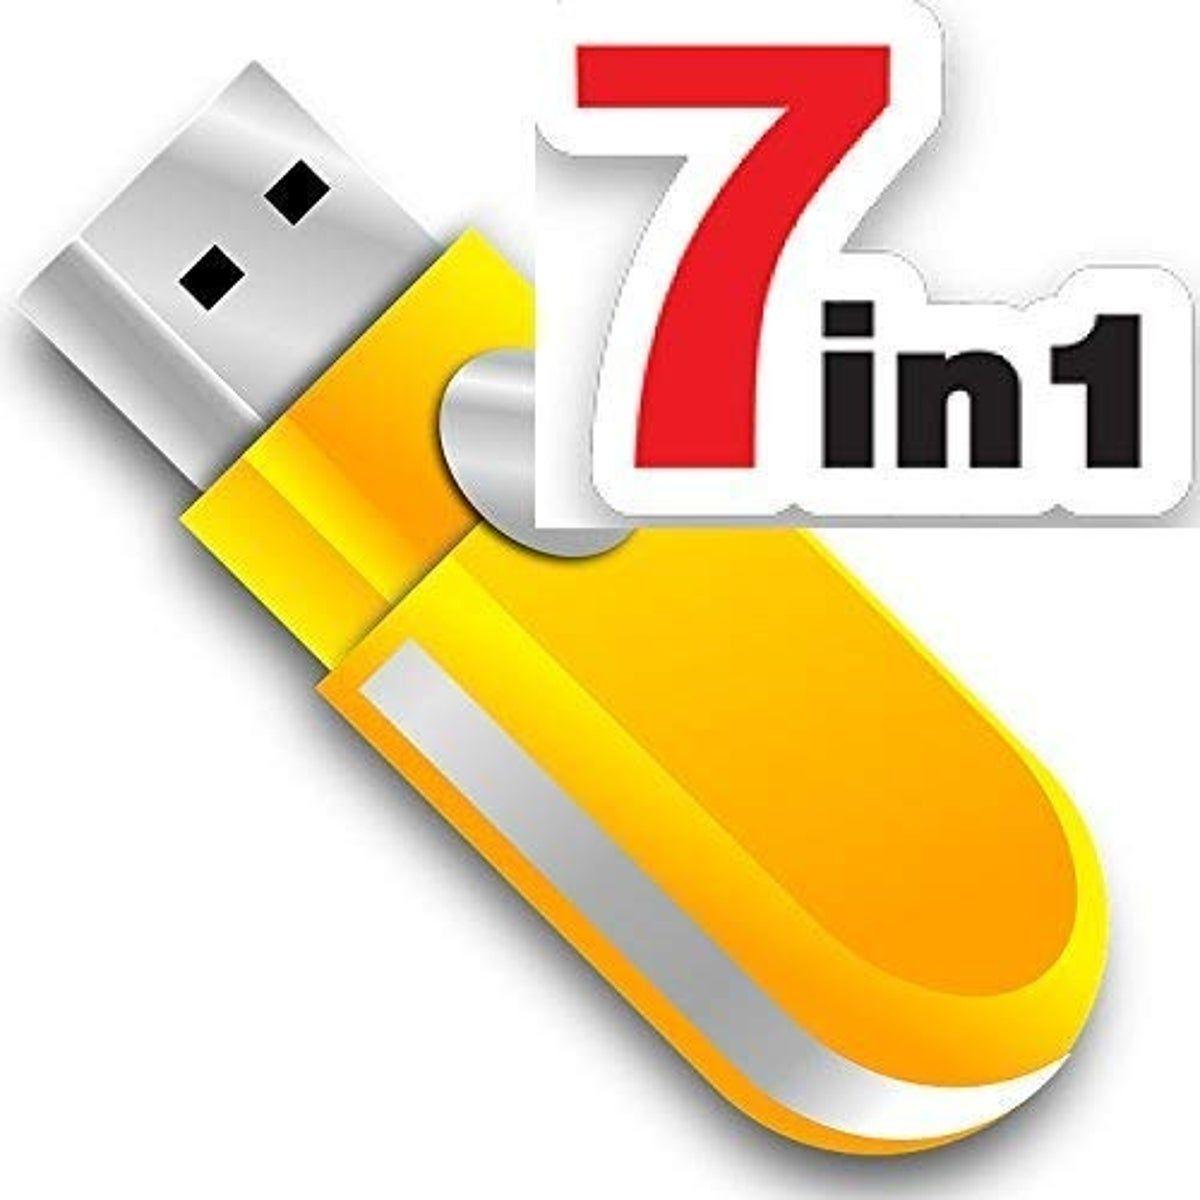 Kali Linux 16GB USB Live Boot USB Thumb Drive 2019